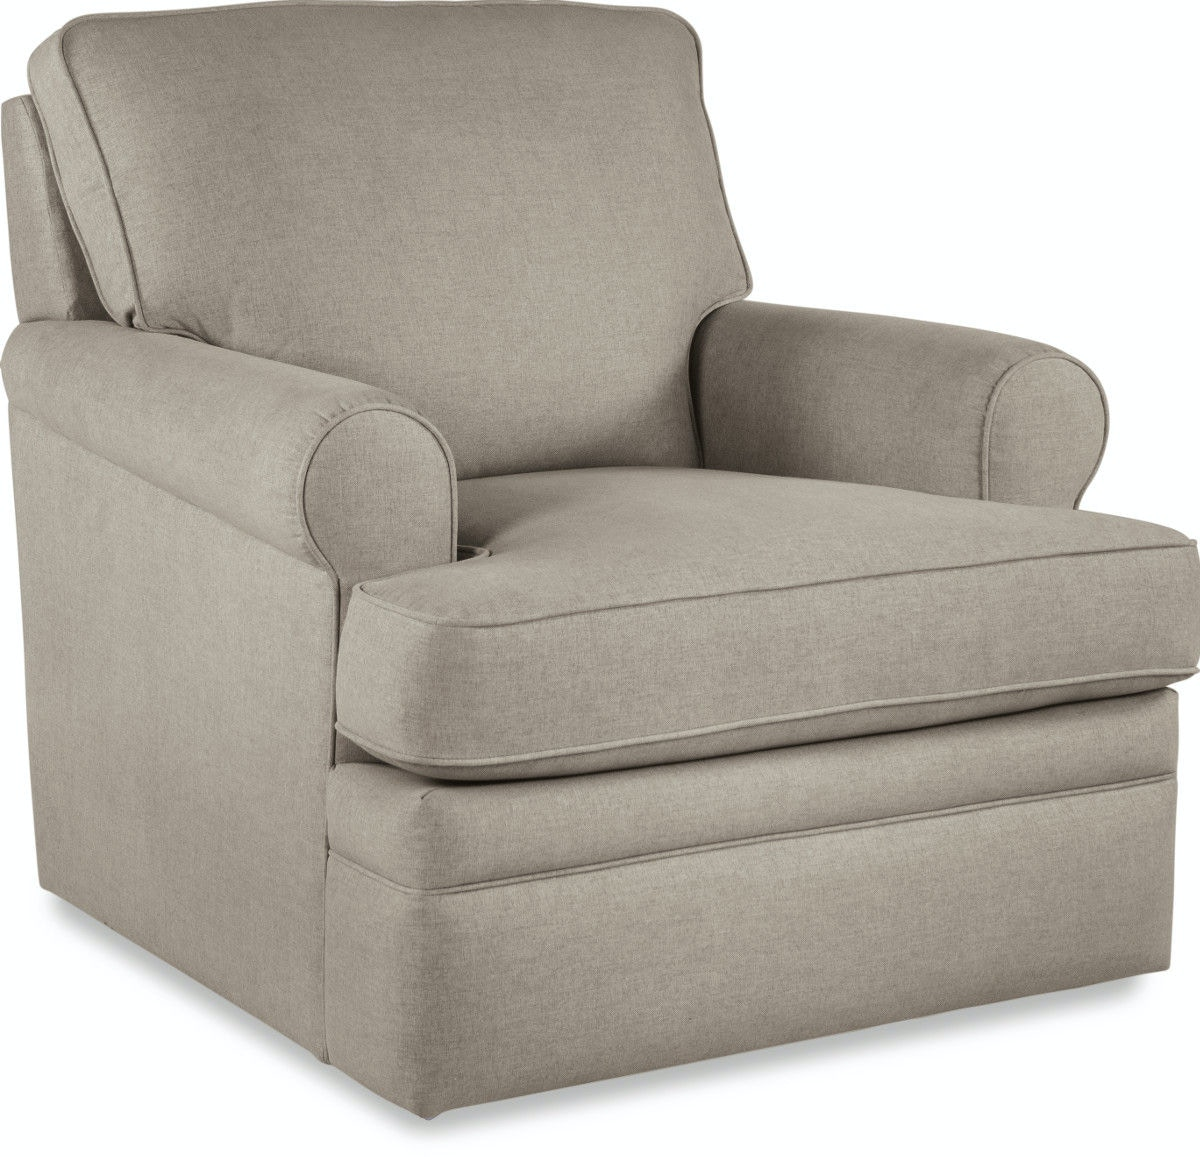 Lynch Furniture